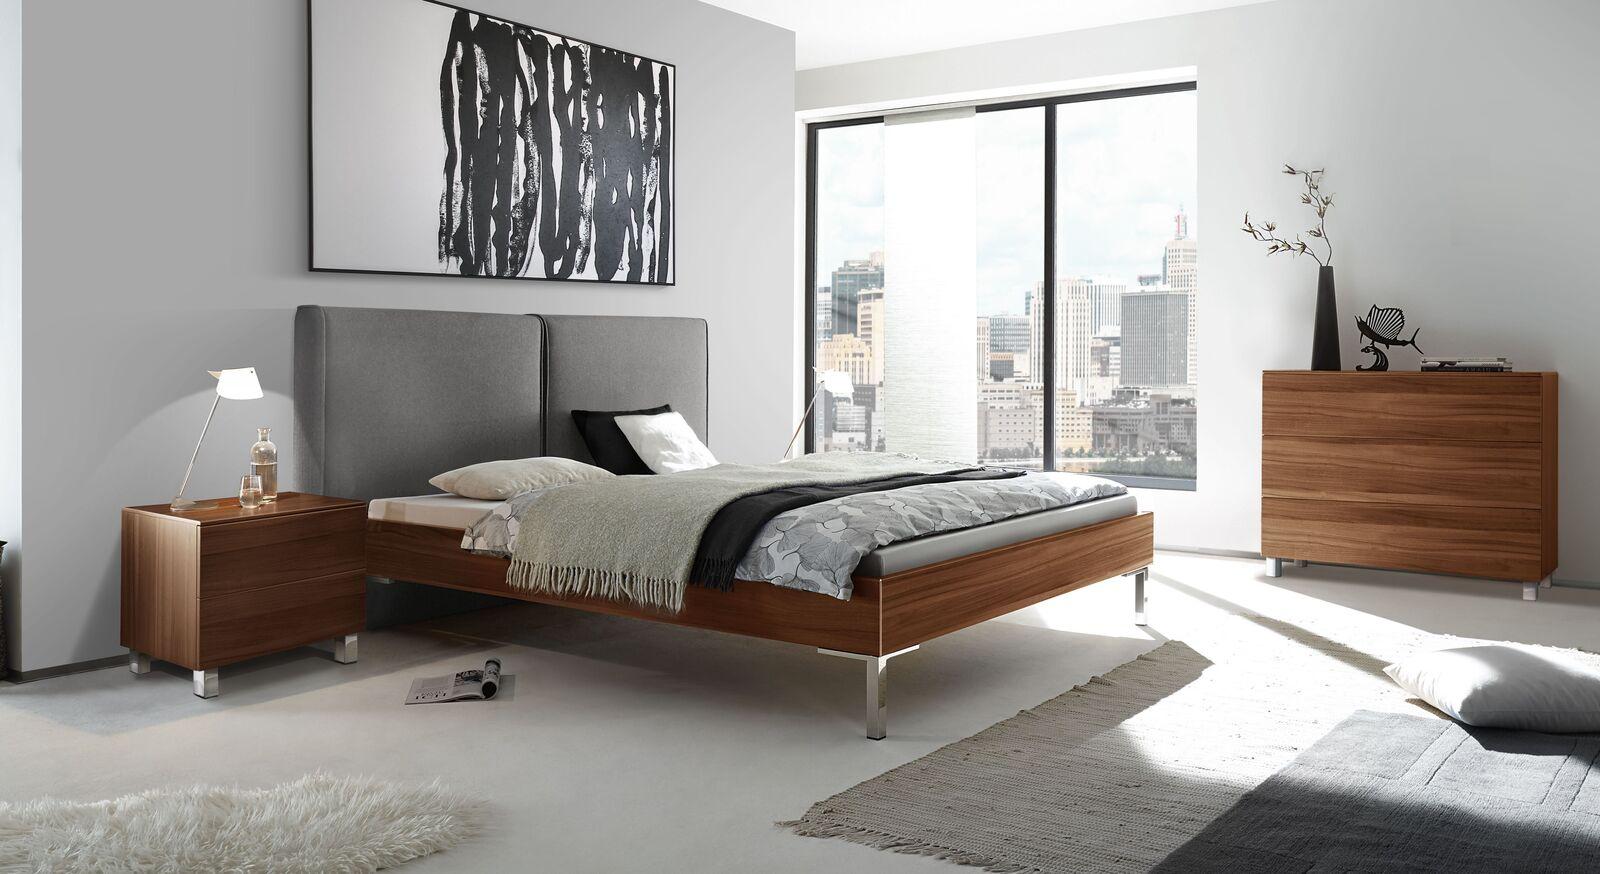 Passende Schlafzimmer-Ausstattung zum Bett Vilmars